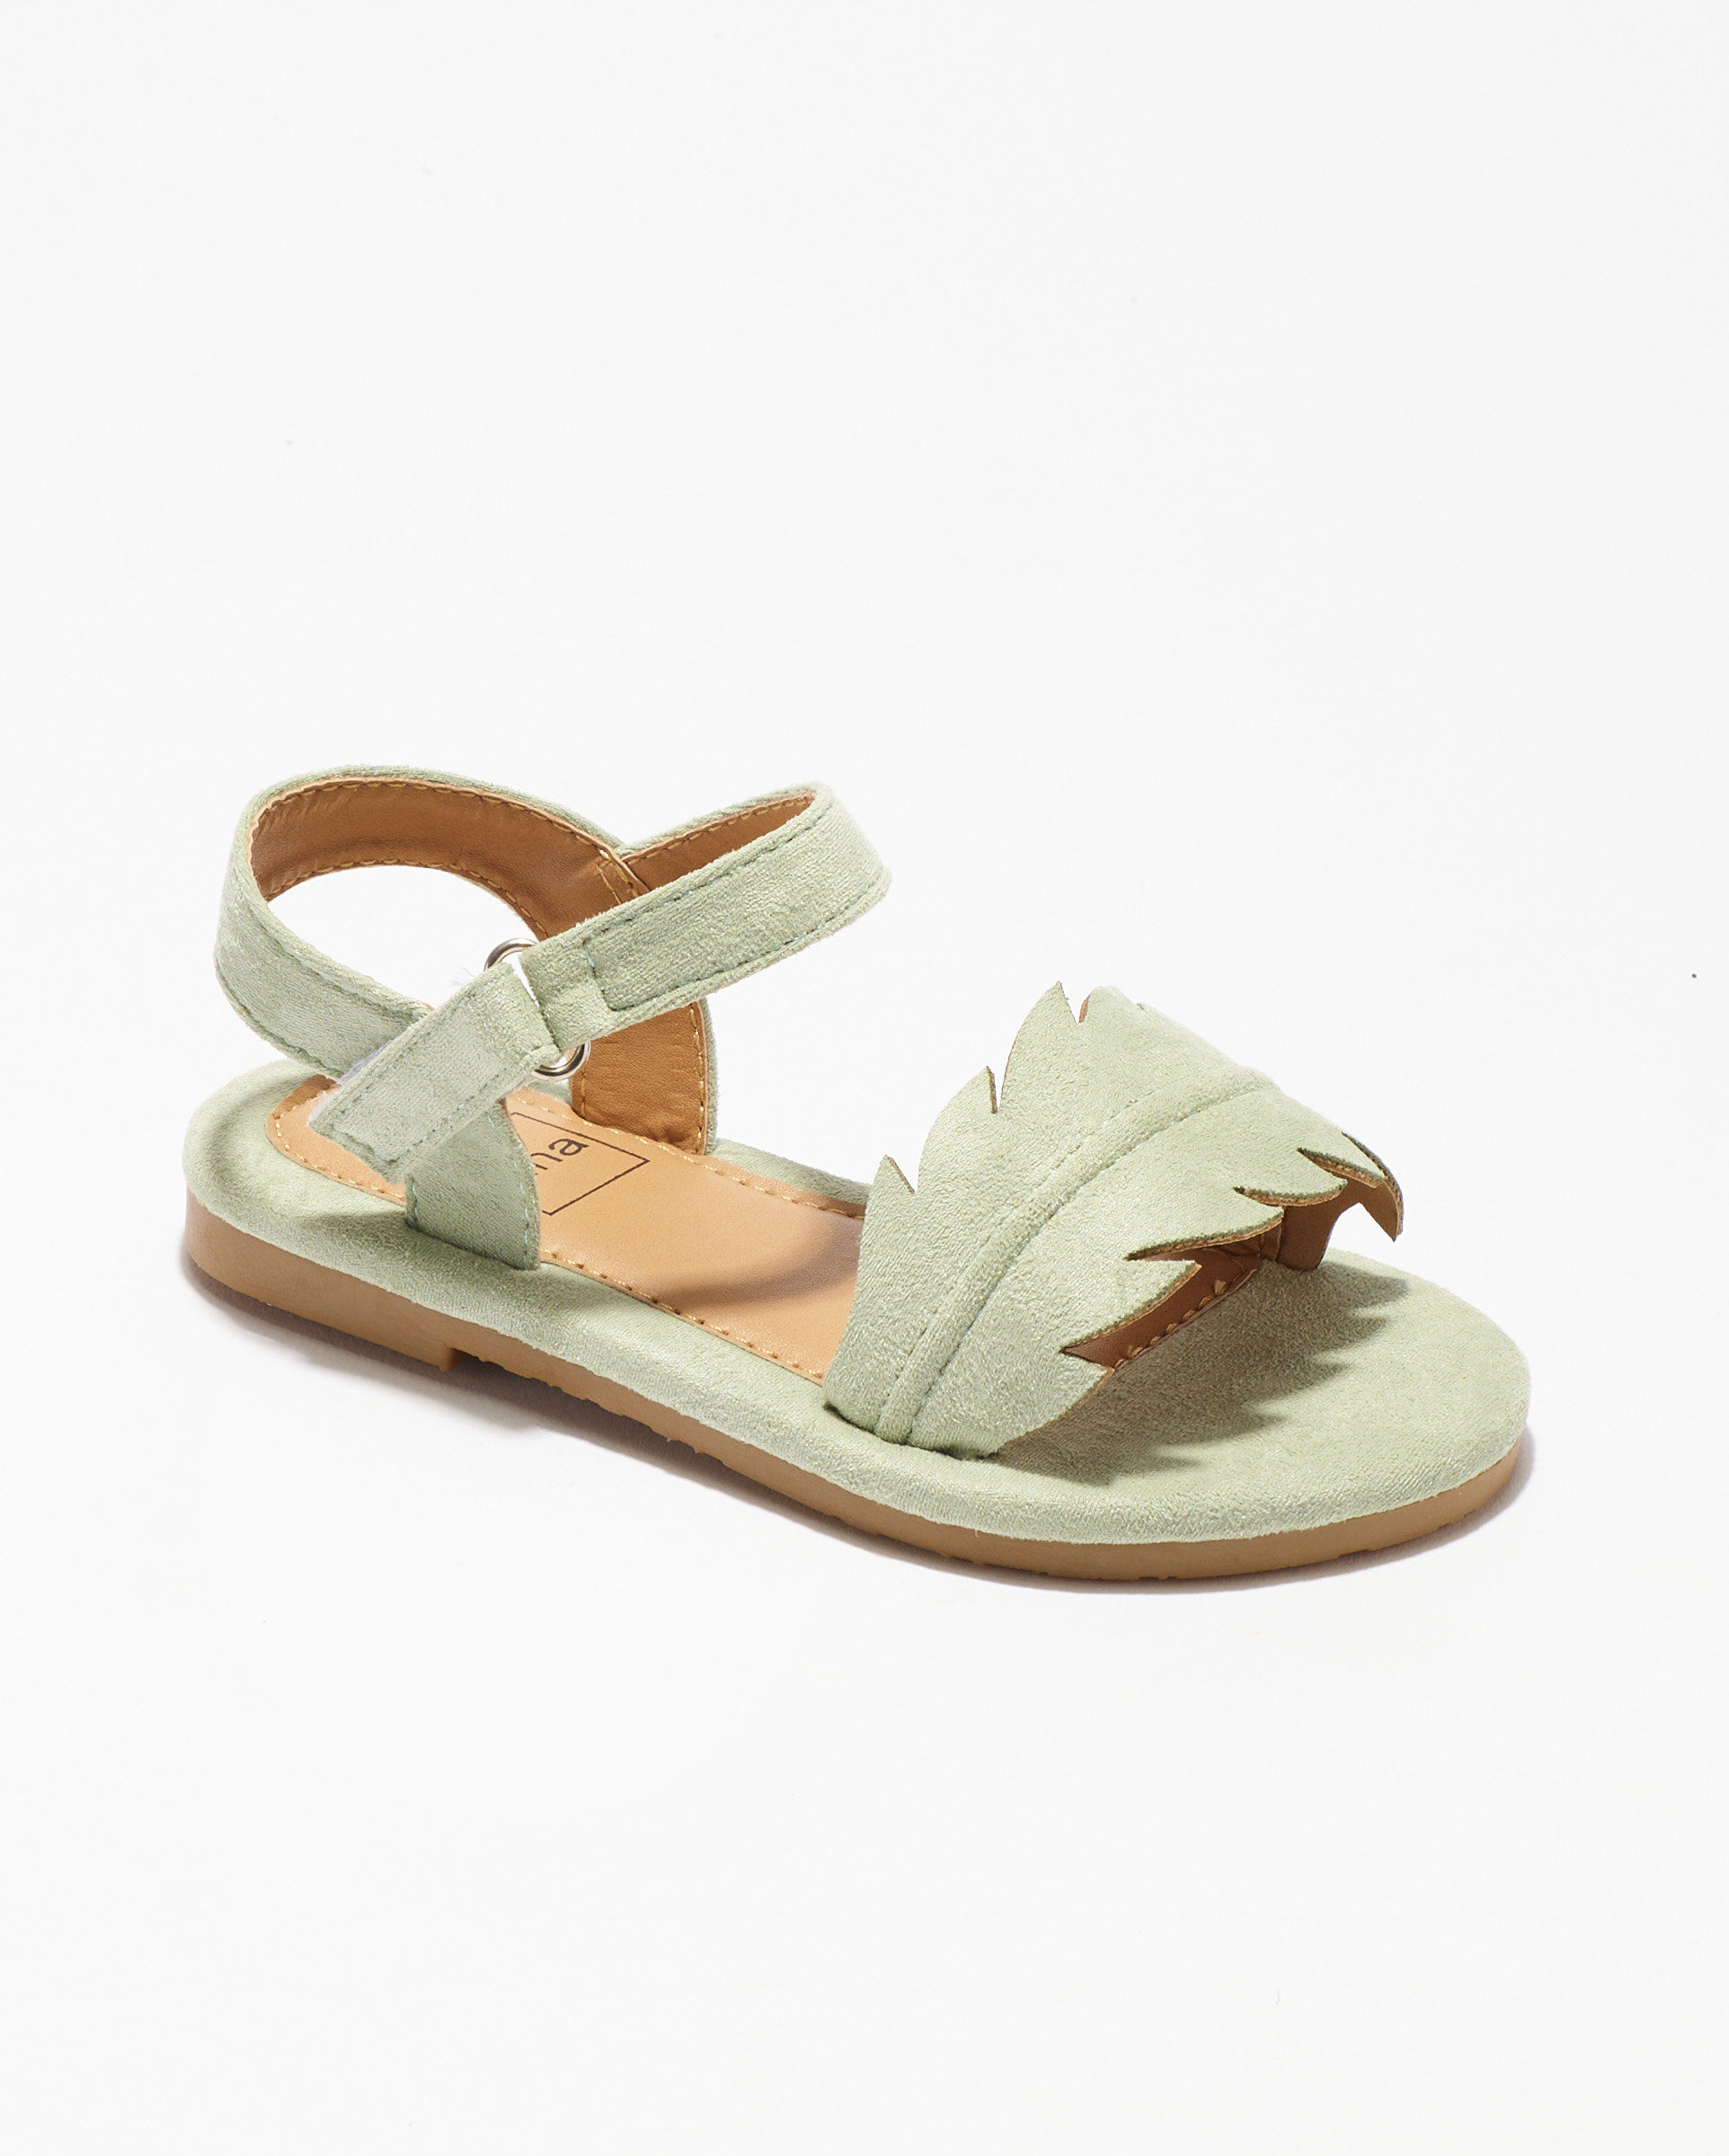 Sandales Fille - Sandale Ouverte Menthe Jina - Ydxls23-Jn Ef